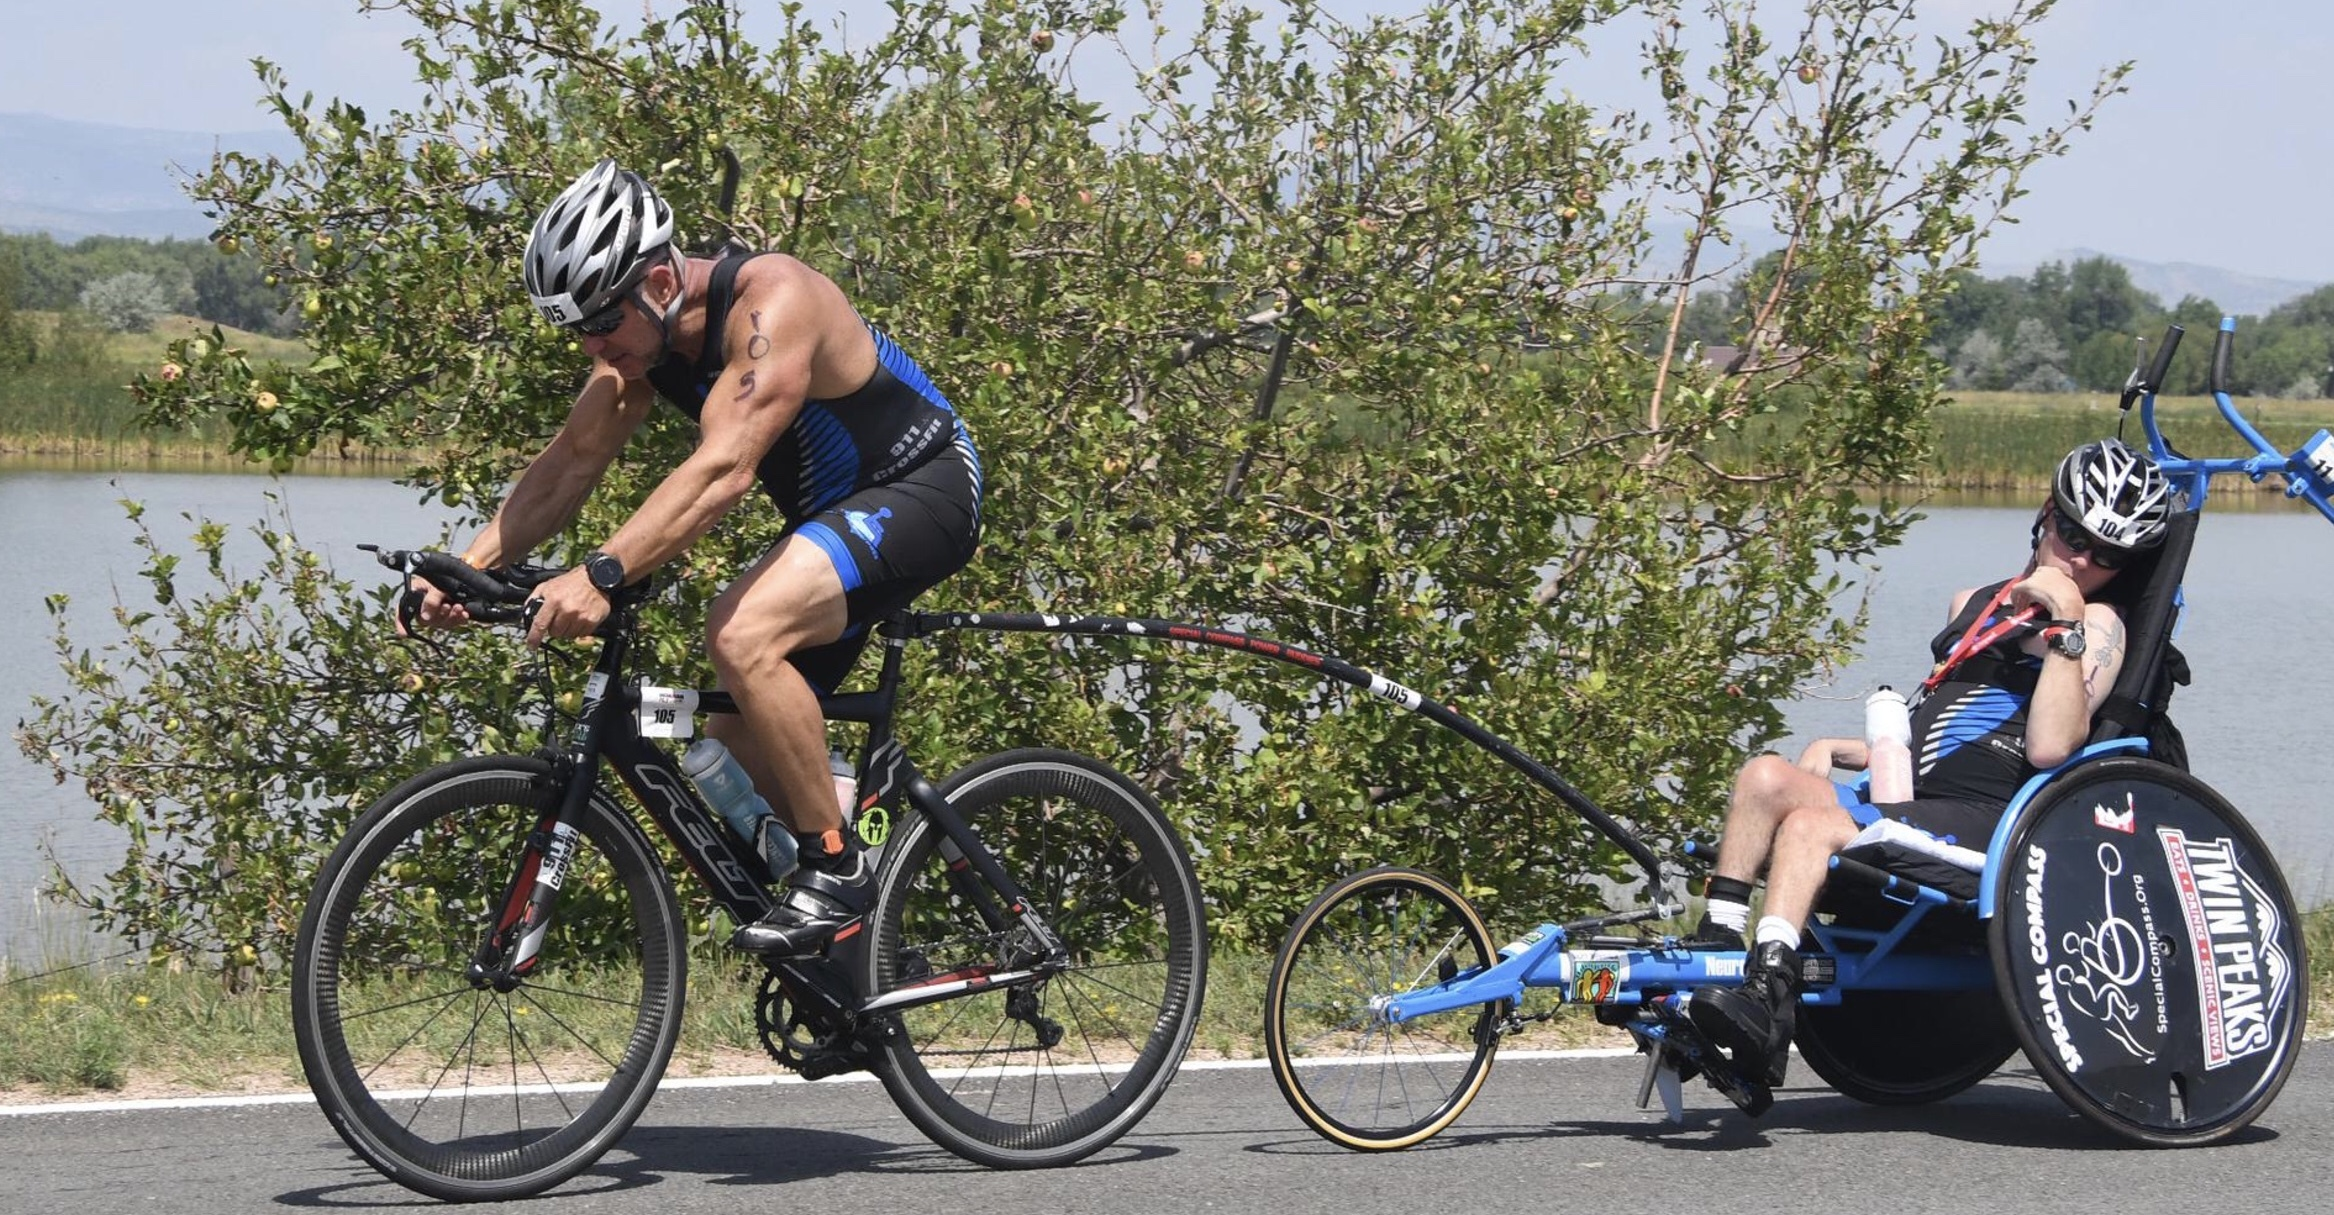 Jim y Michael Sayih, triatletas especiales que competirán en Challenge Daytona.